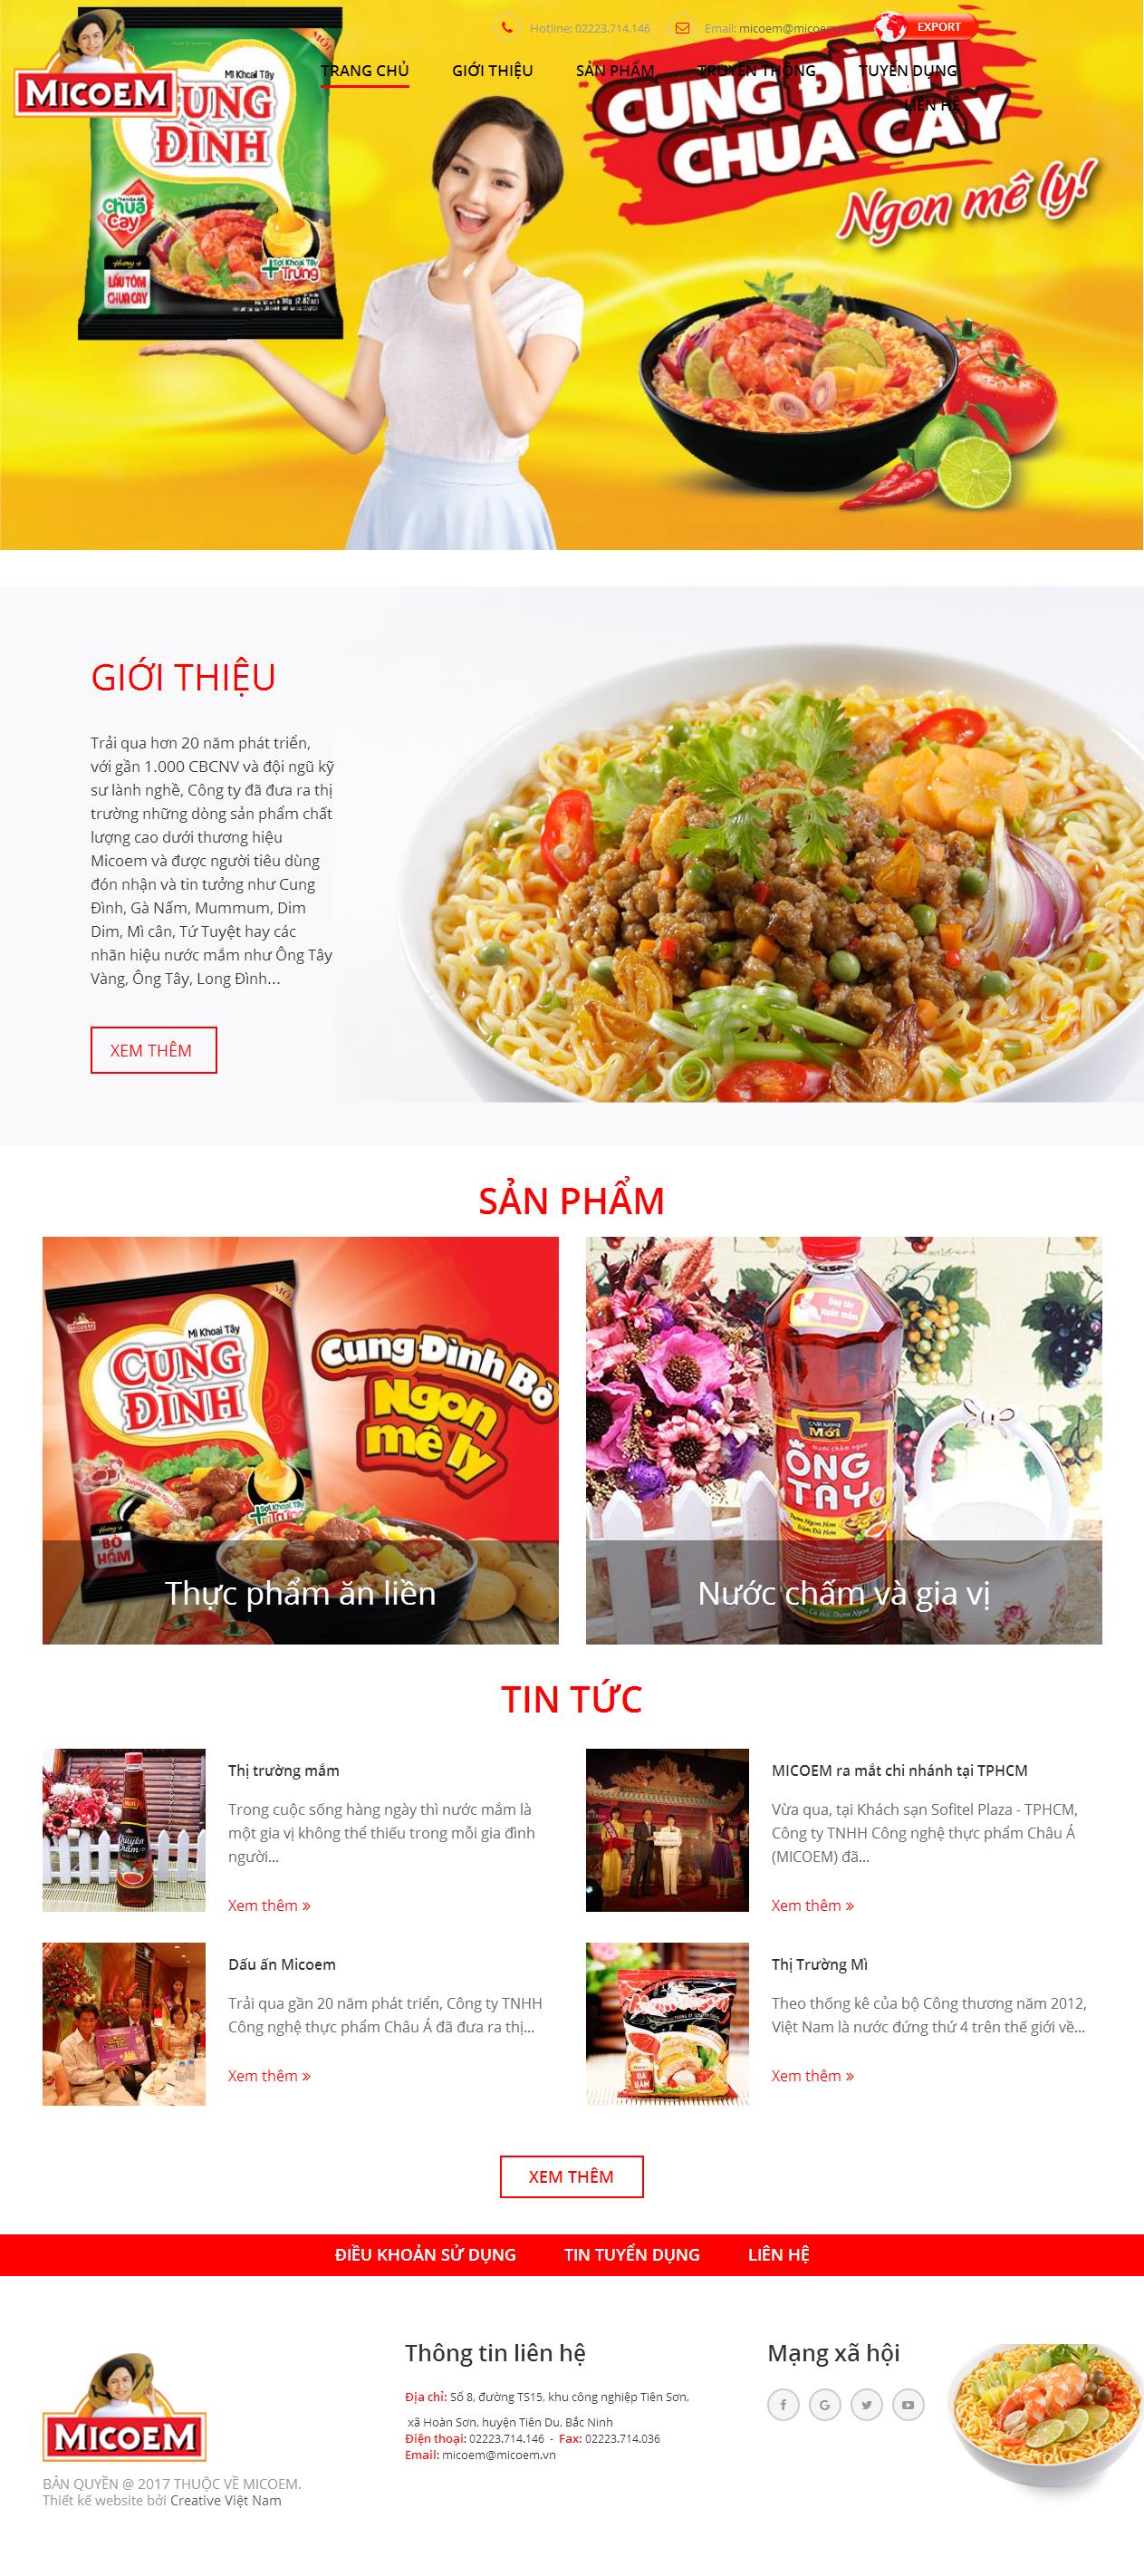 Thiết kế web bán hàng micoem